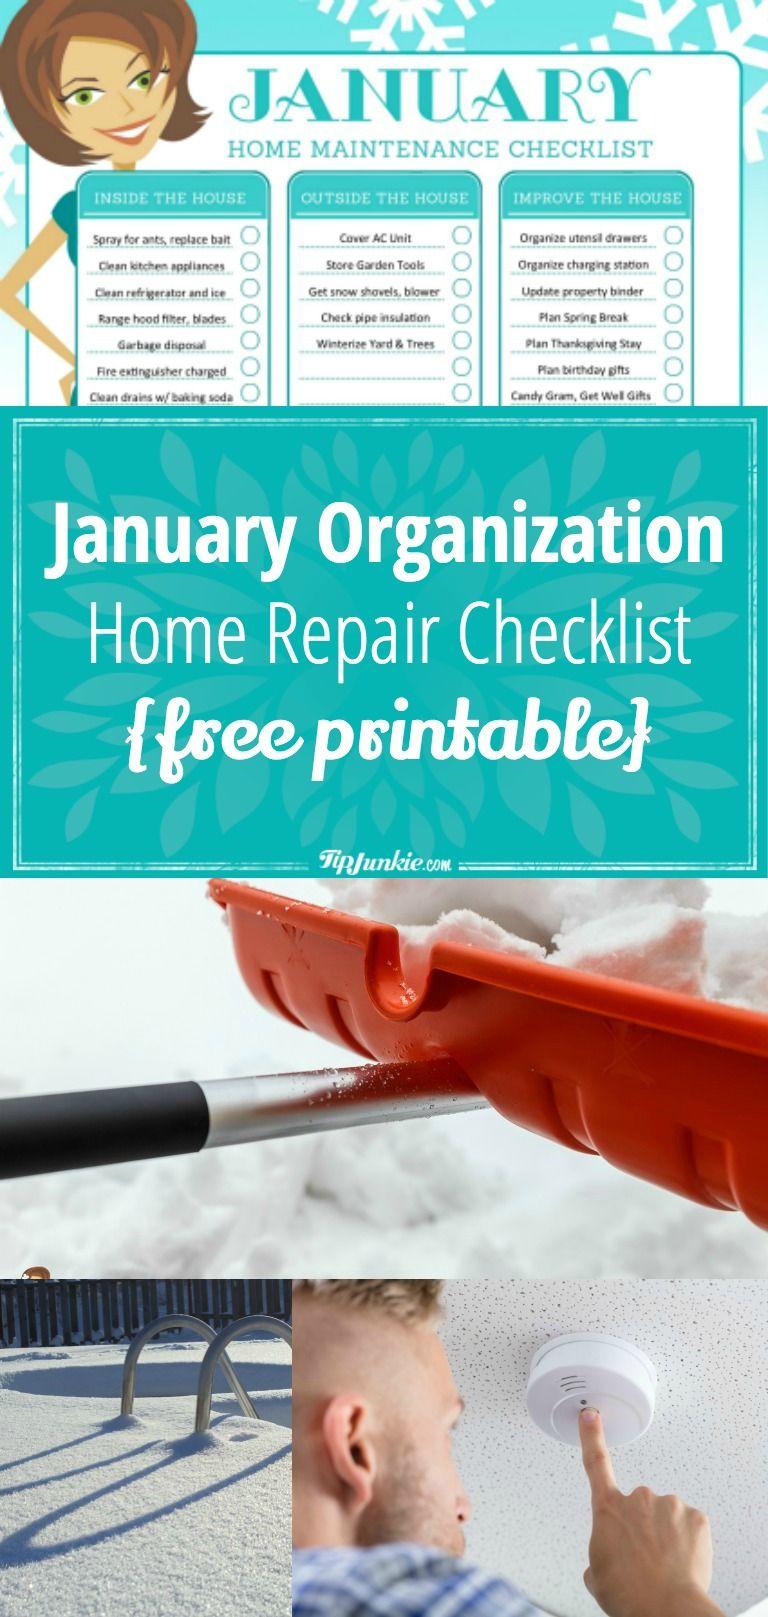 Photo of Januar Checkliste für Organisation und Reparatur zu Hause [printable]